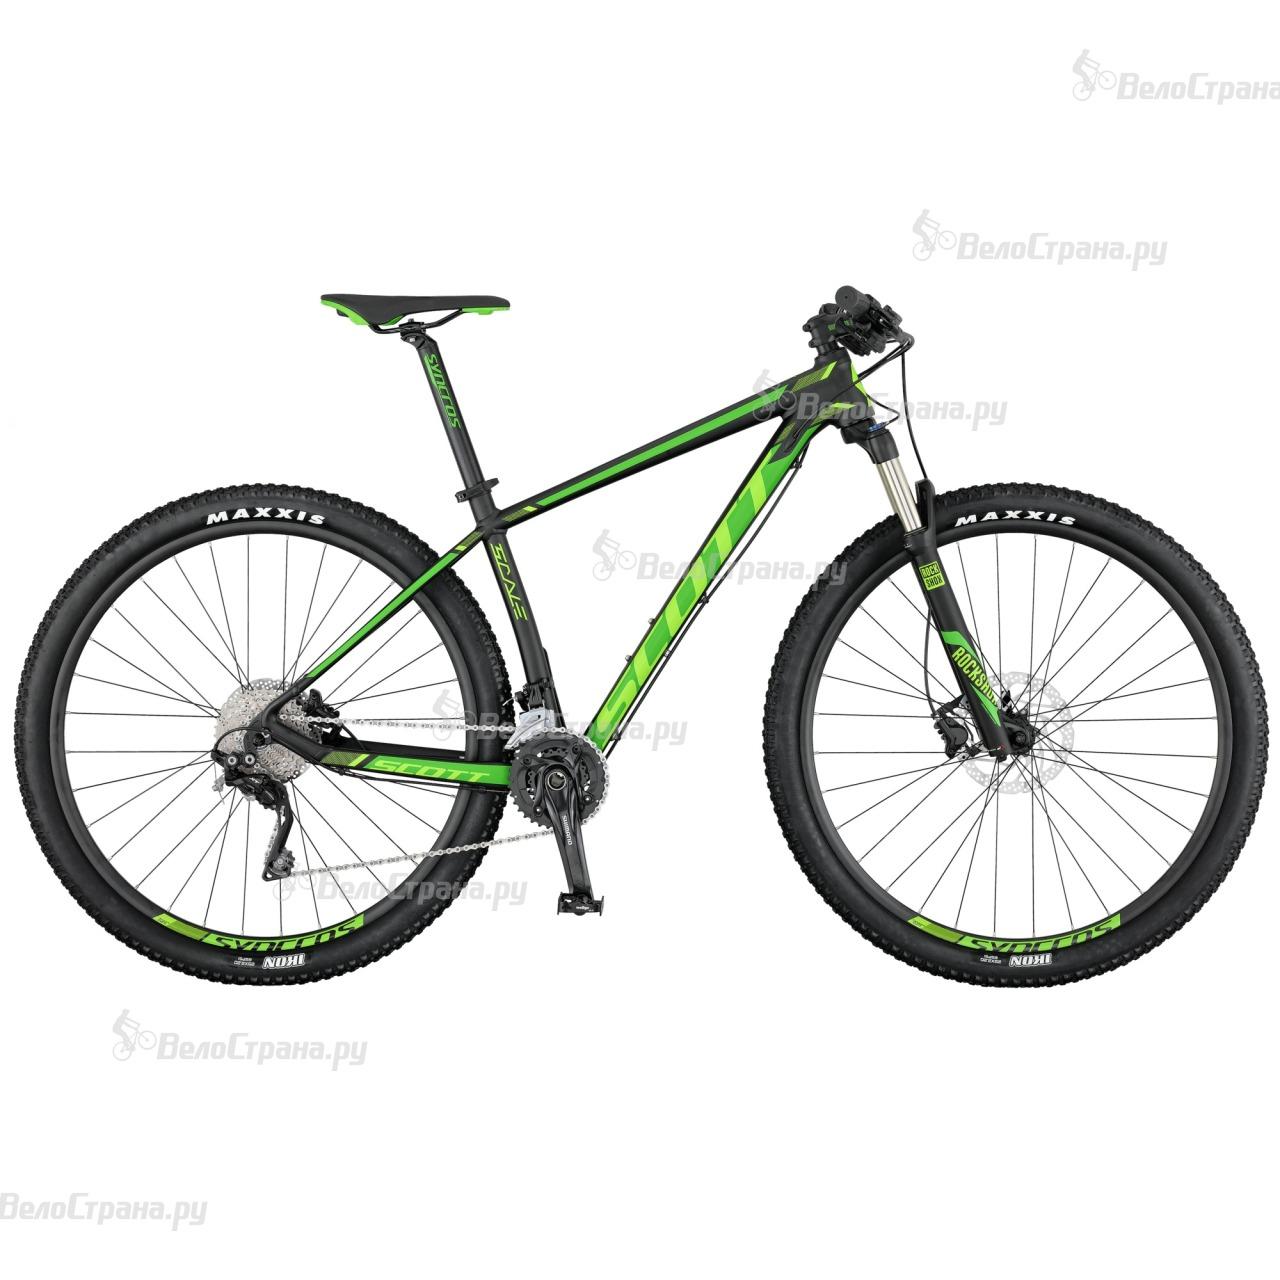 Велосипед Scott Scale 760 (2017) велосипед scott scale 700 premium 2015